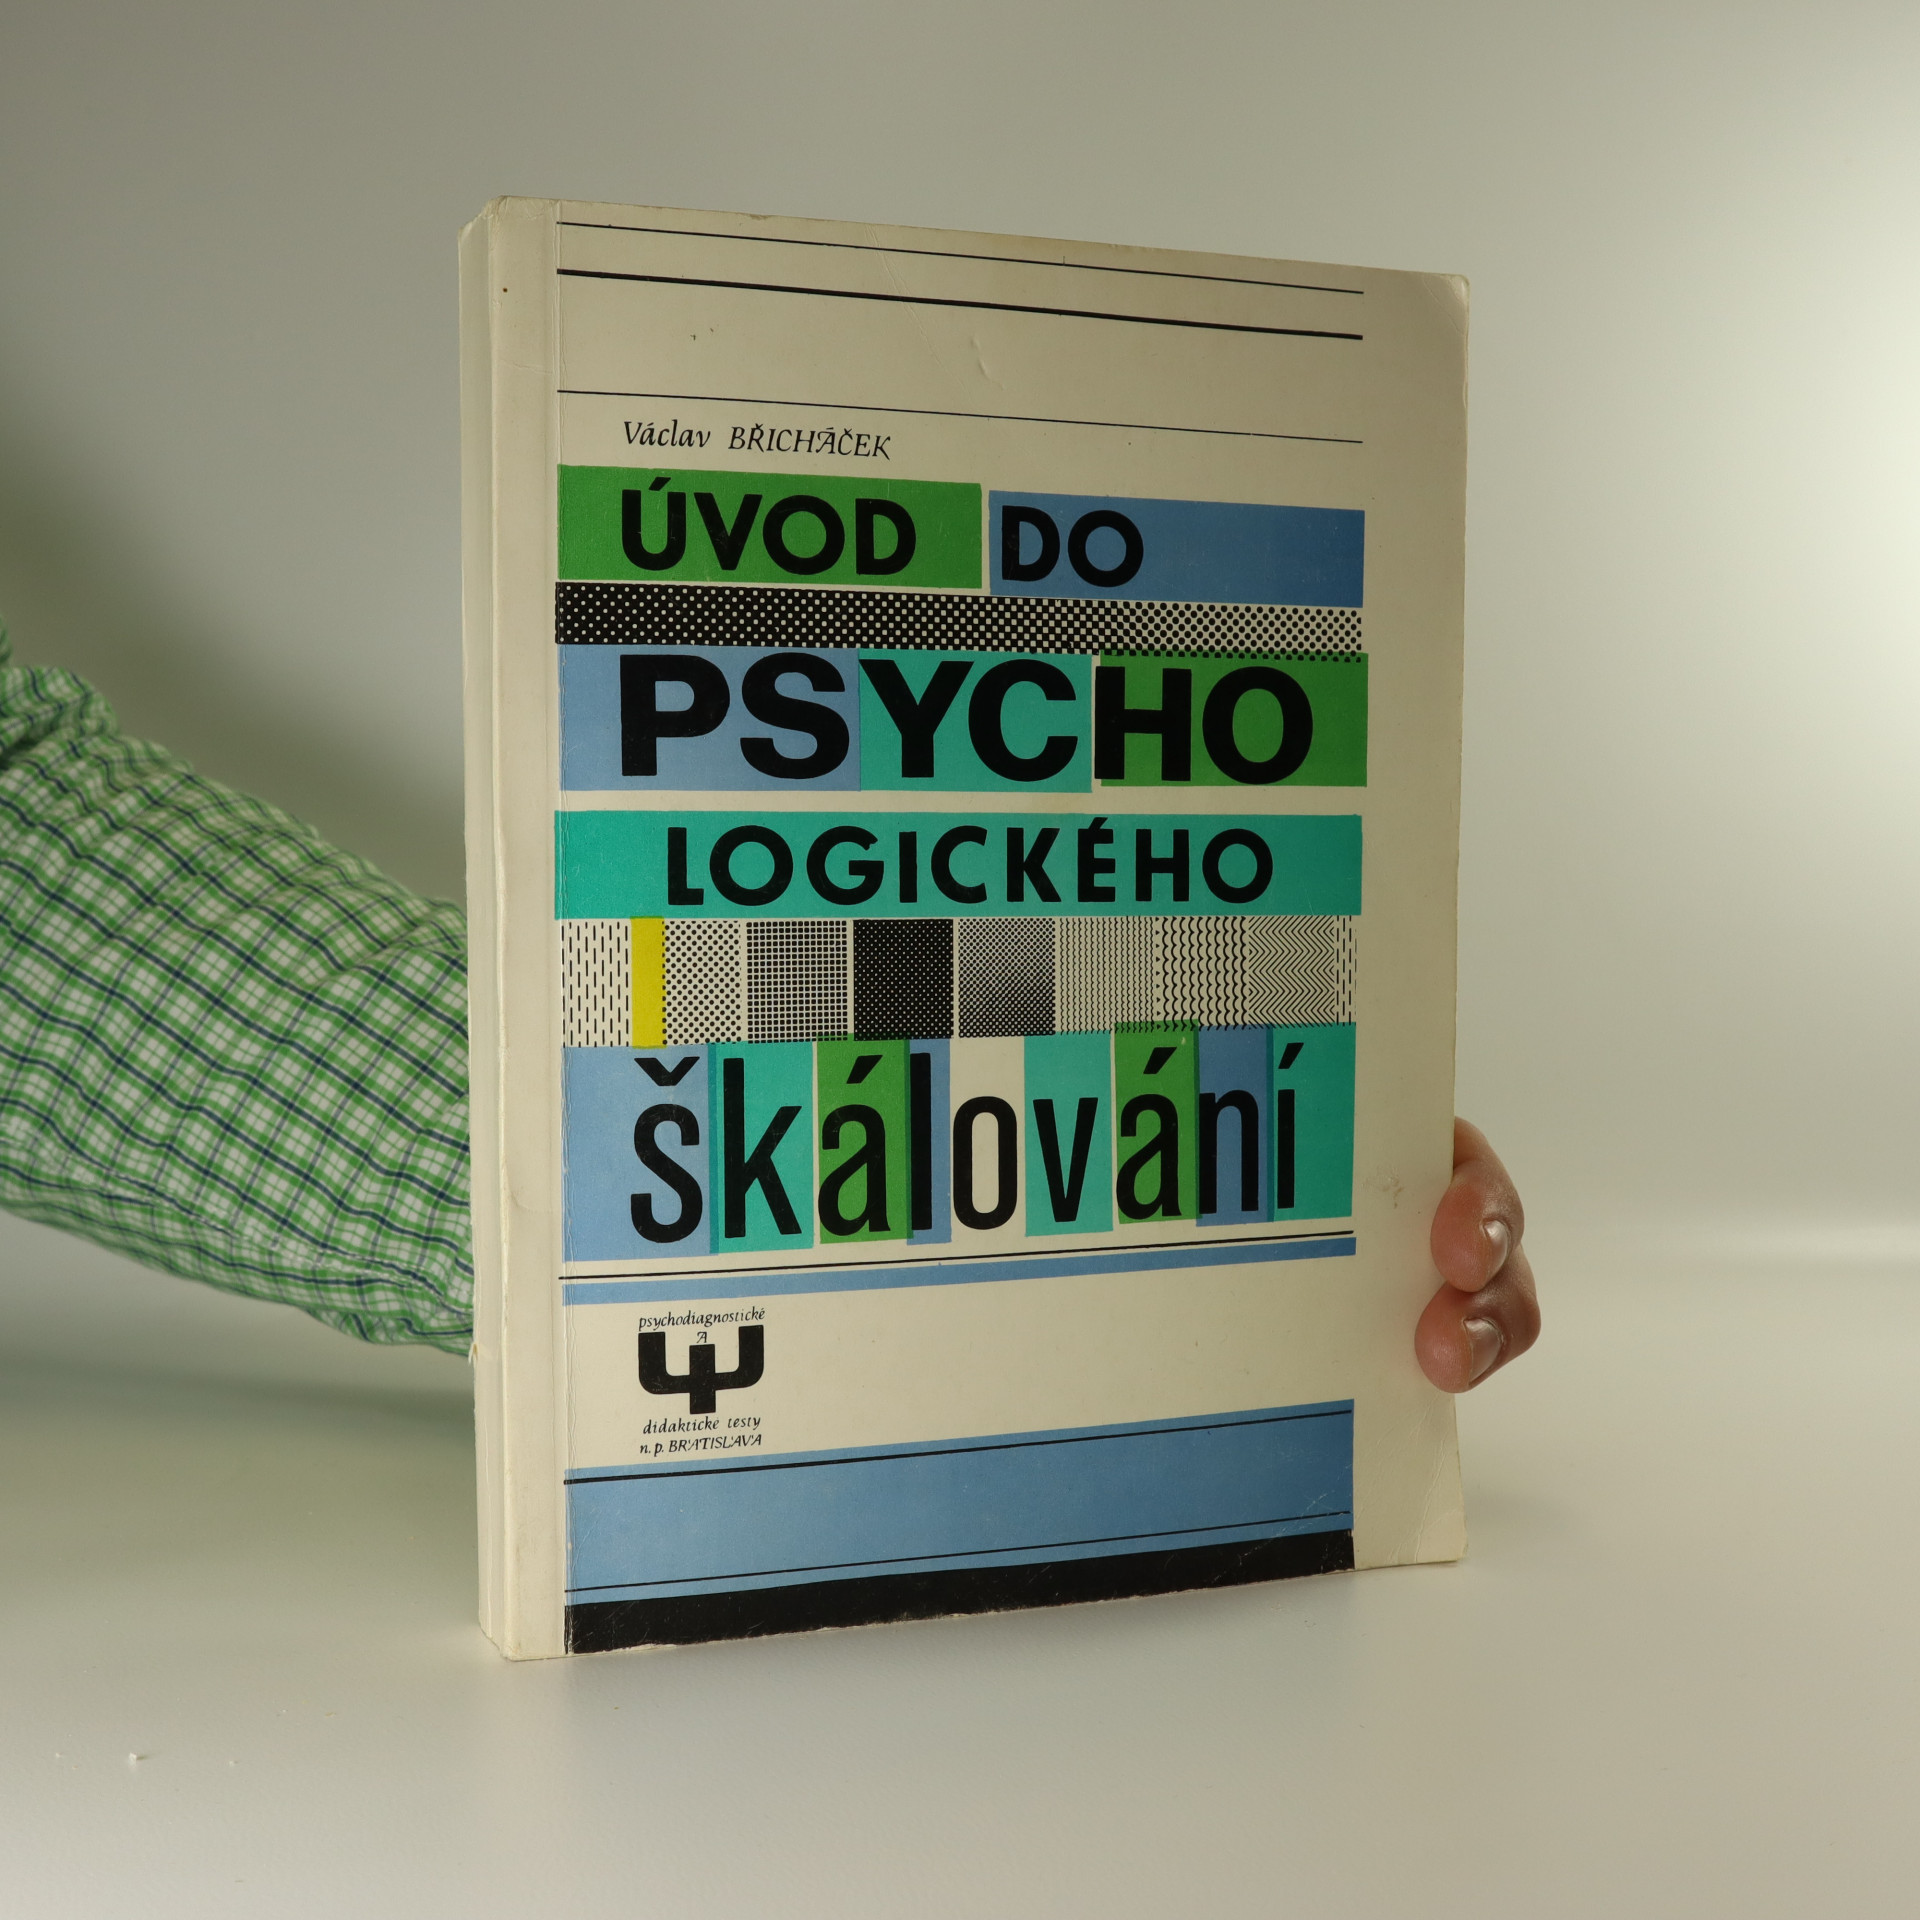 antikvární kniha Úvod do psychologického škálování, 1978